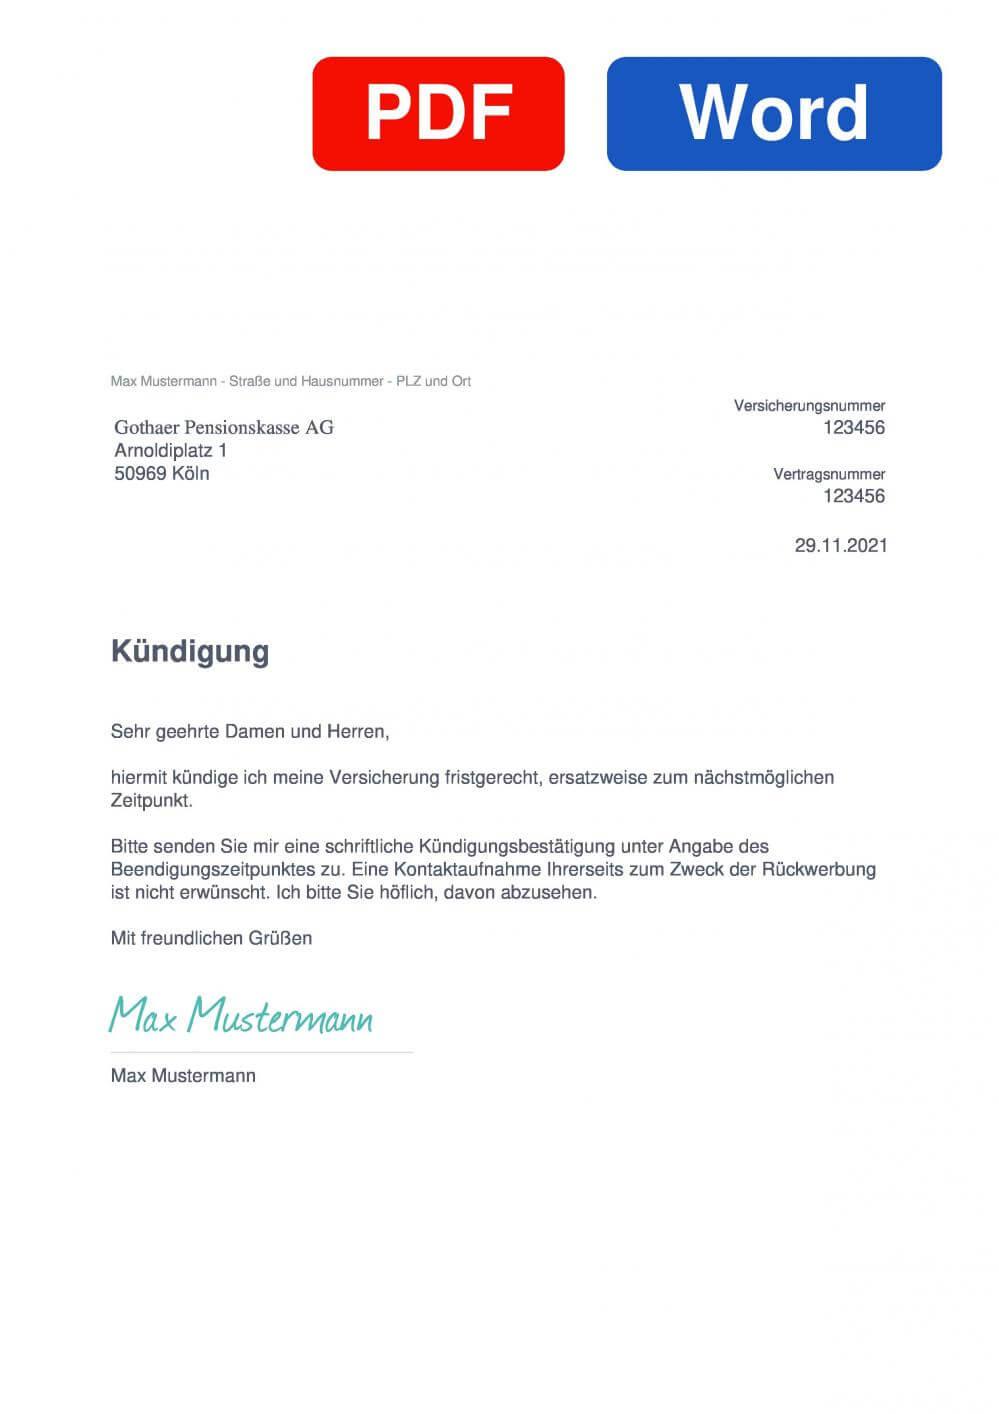 Gothaer Pensionskasse Muster Vorlage für Kündigungsschreiben